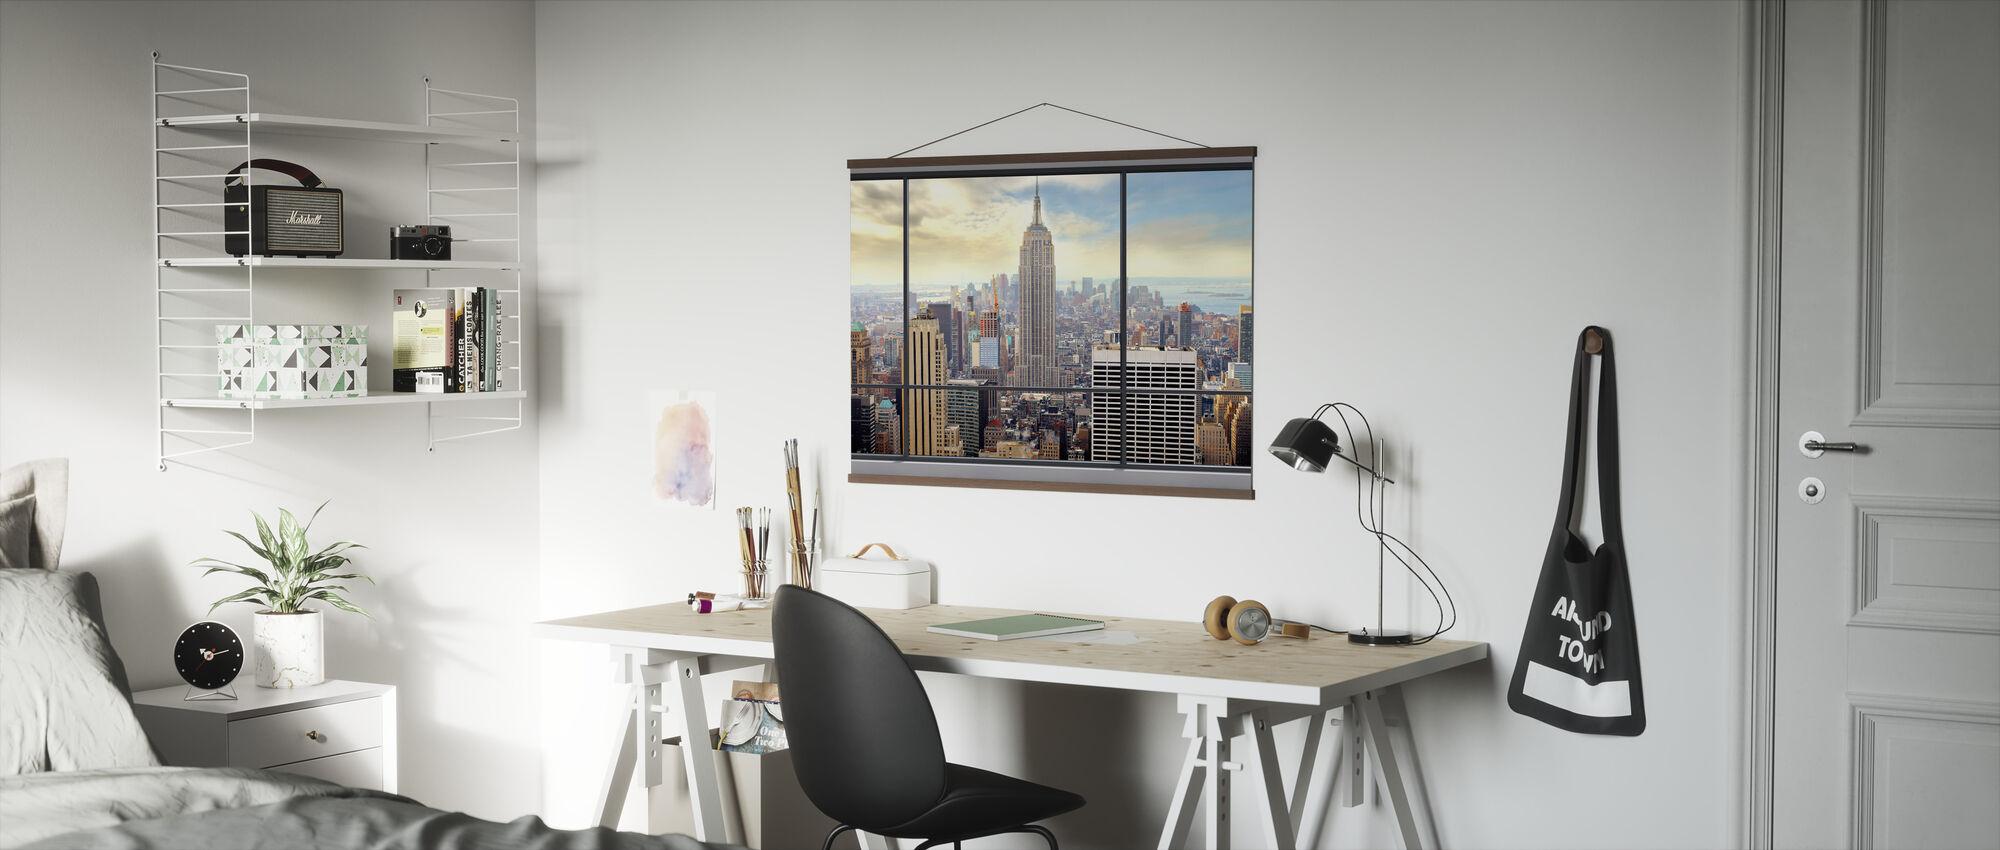 Penthouse Raam Uitzicht - Poster - Kantoor